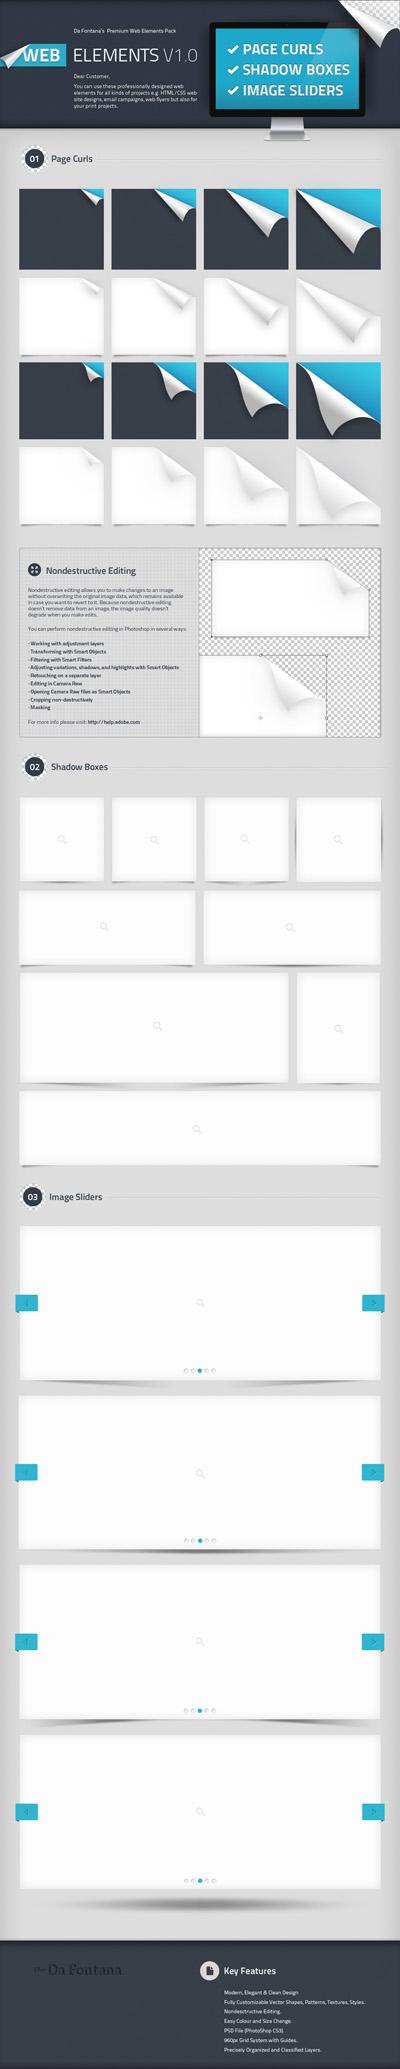 Загнутый уголок бумаги, слайдеры